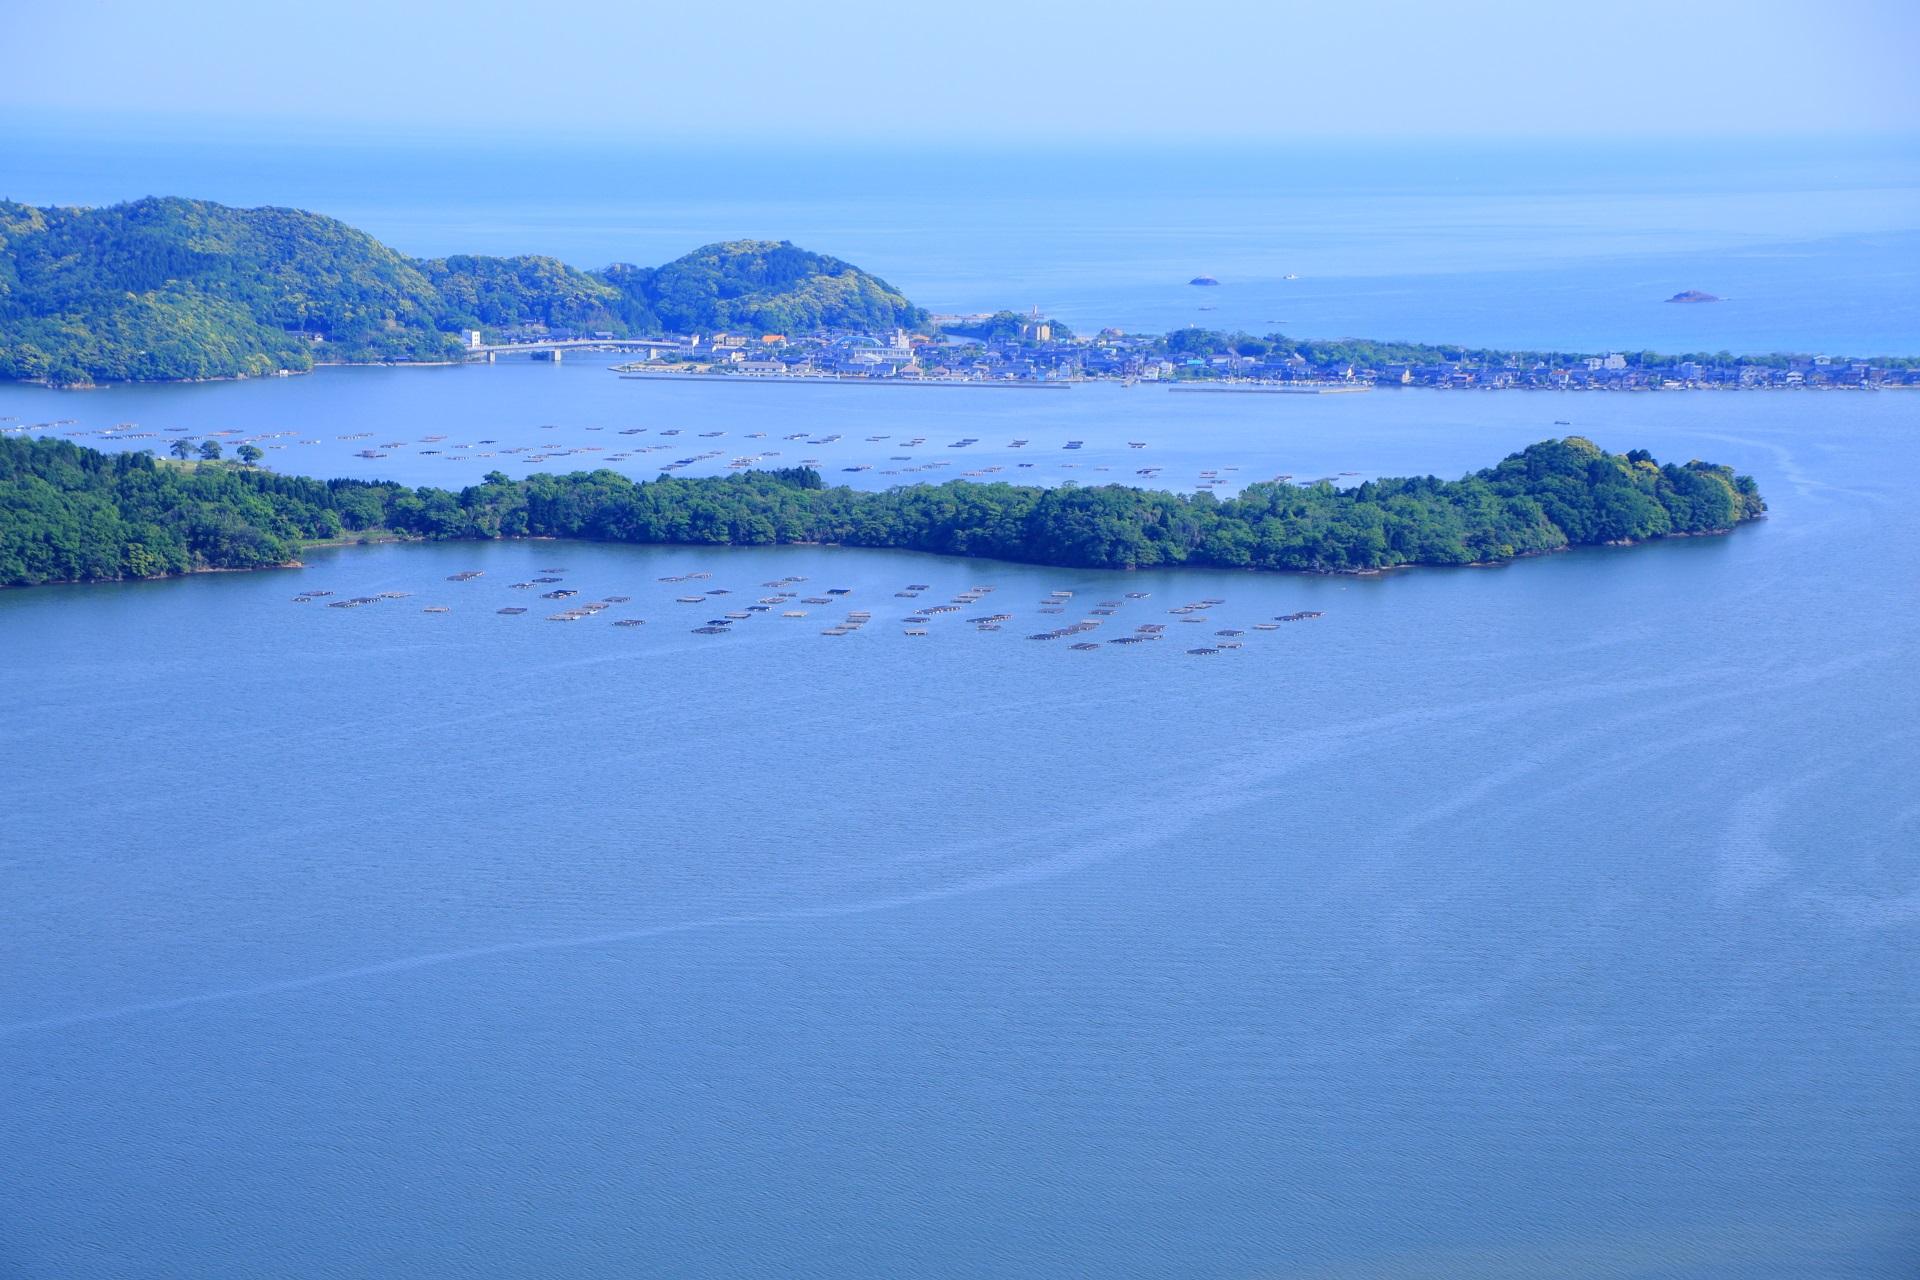 龍のように陸が伸びる久美浜湾と牡蠣の養殖